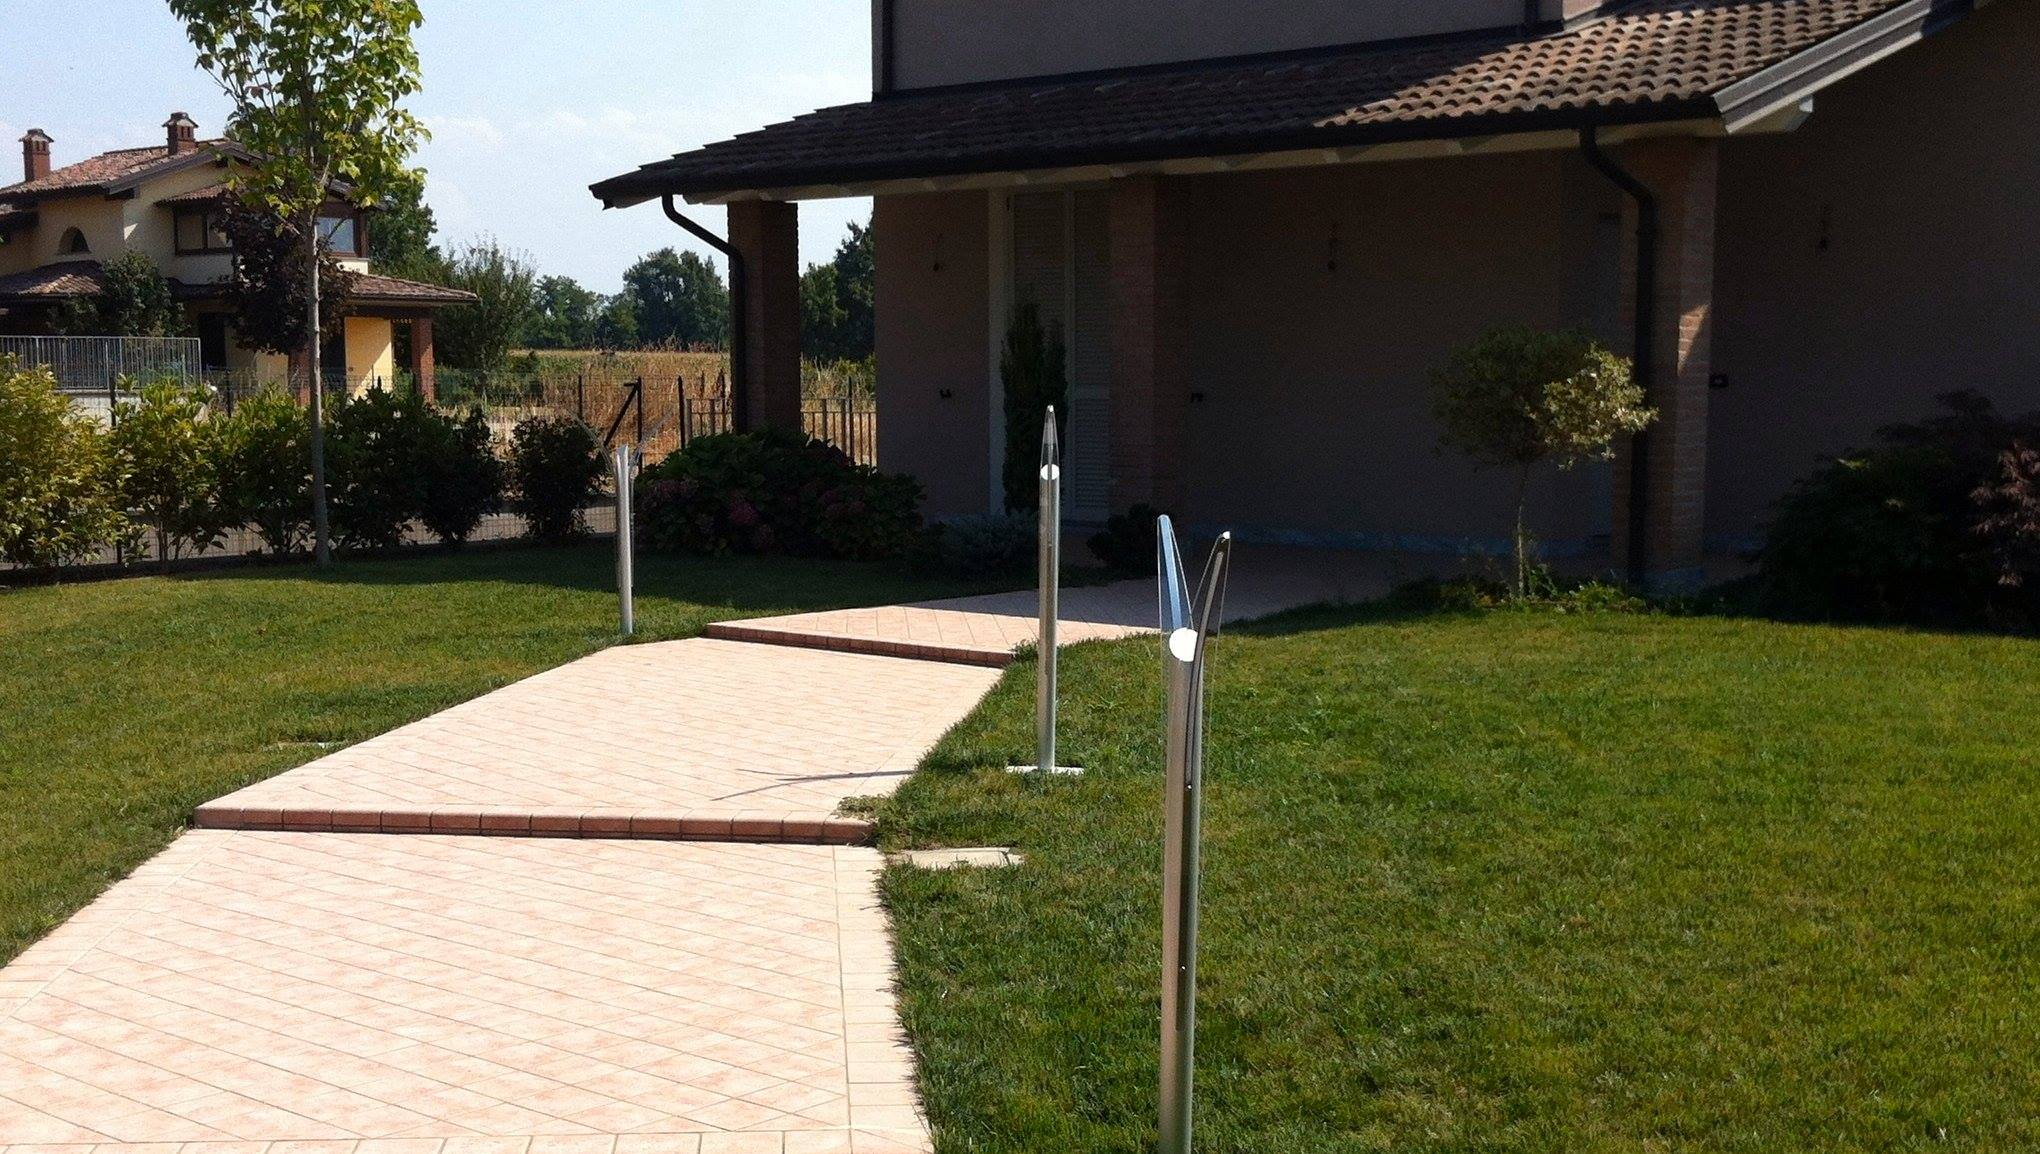 Illuminazione esterna villetta illuminazione giardino - Vialetti da giardino ...